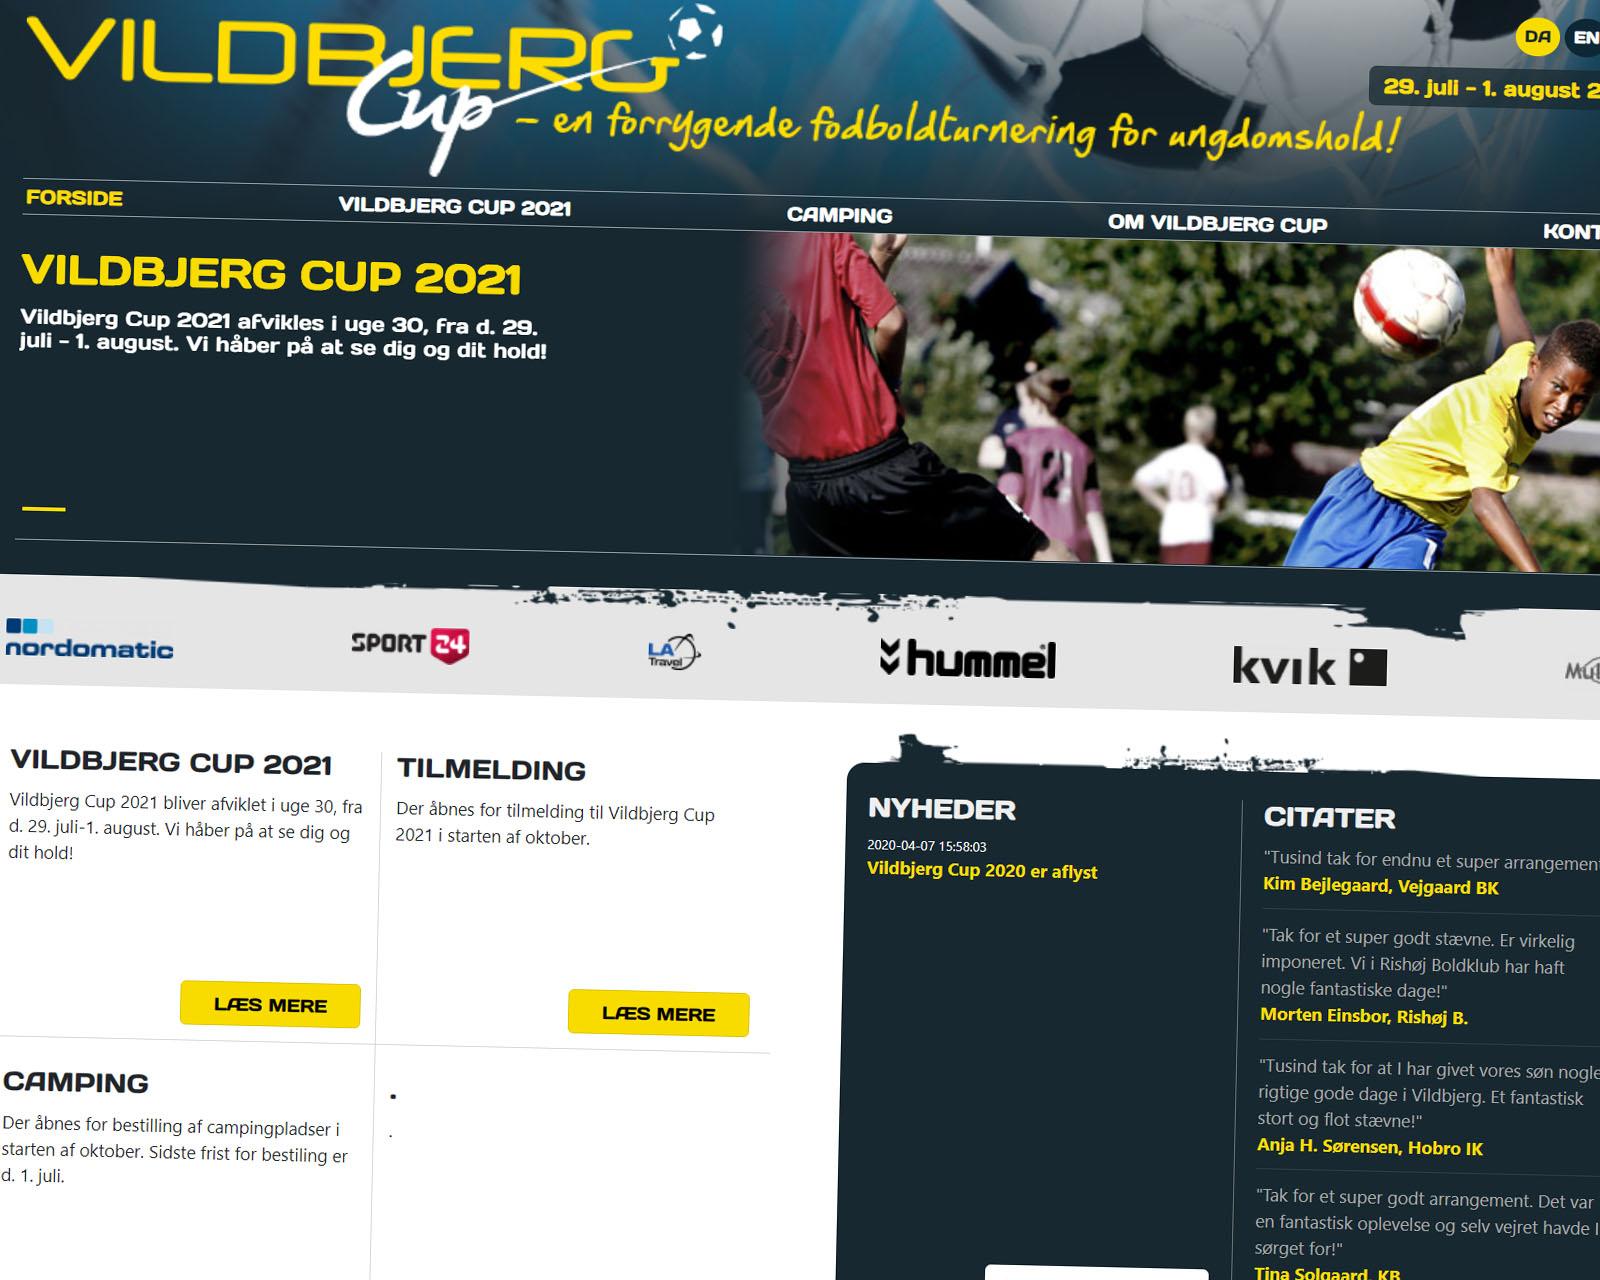 Vildbjerg-Cup